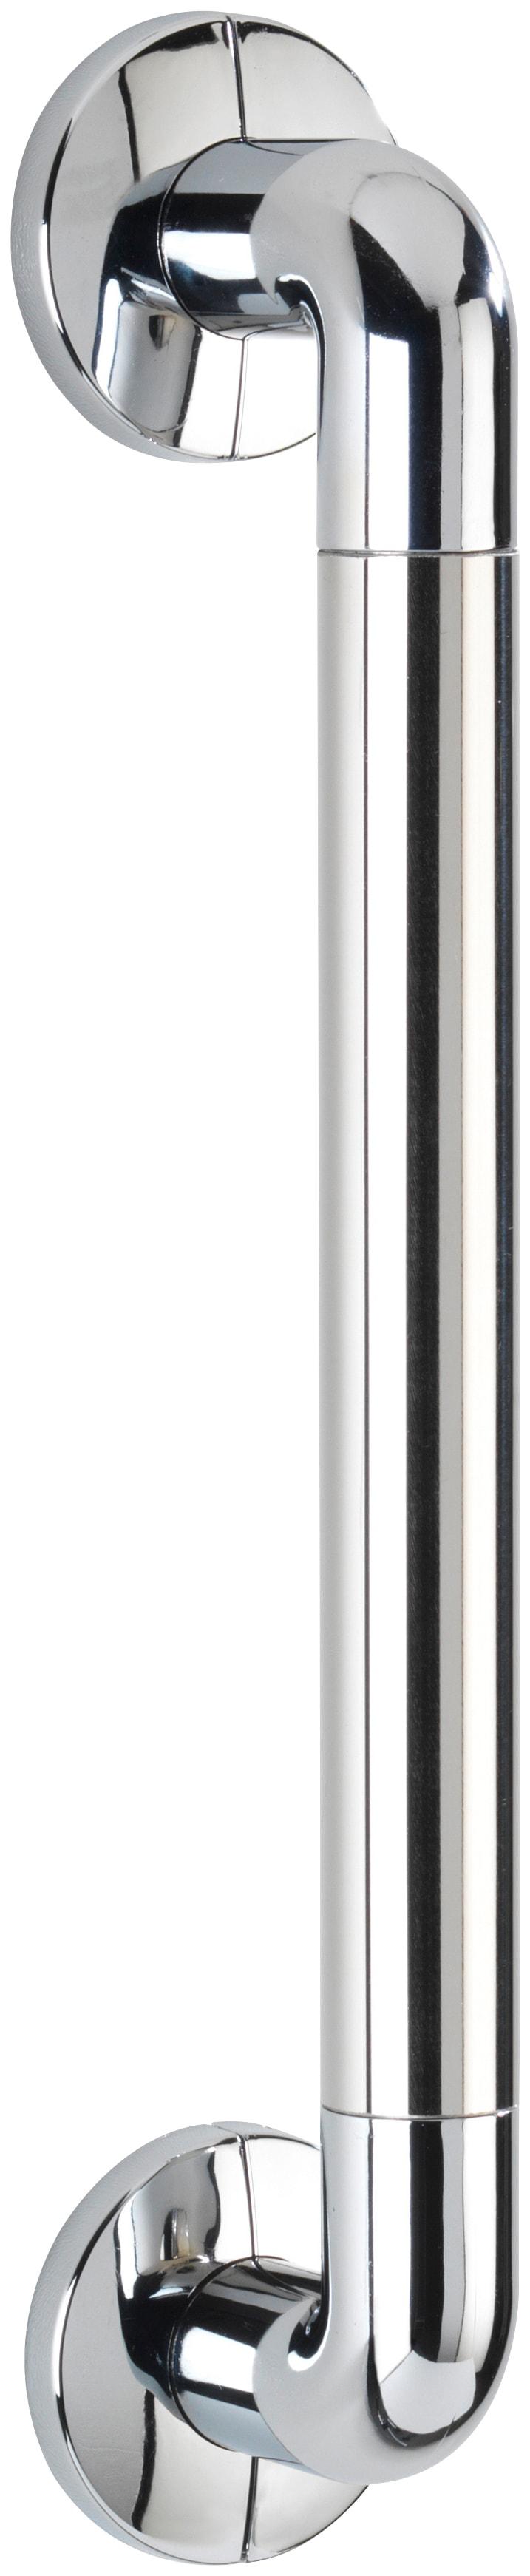 WENKO Wanneneinstiegshilfe »Secura «, Breite 64,5 cm | Bad > Bad-Accessoires > Haltegriffe | Silberfarben | WENKO